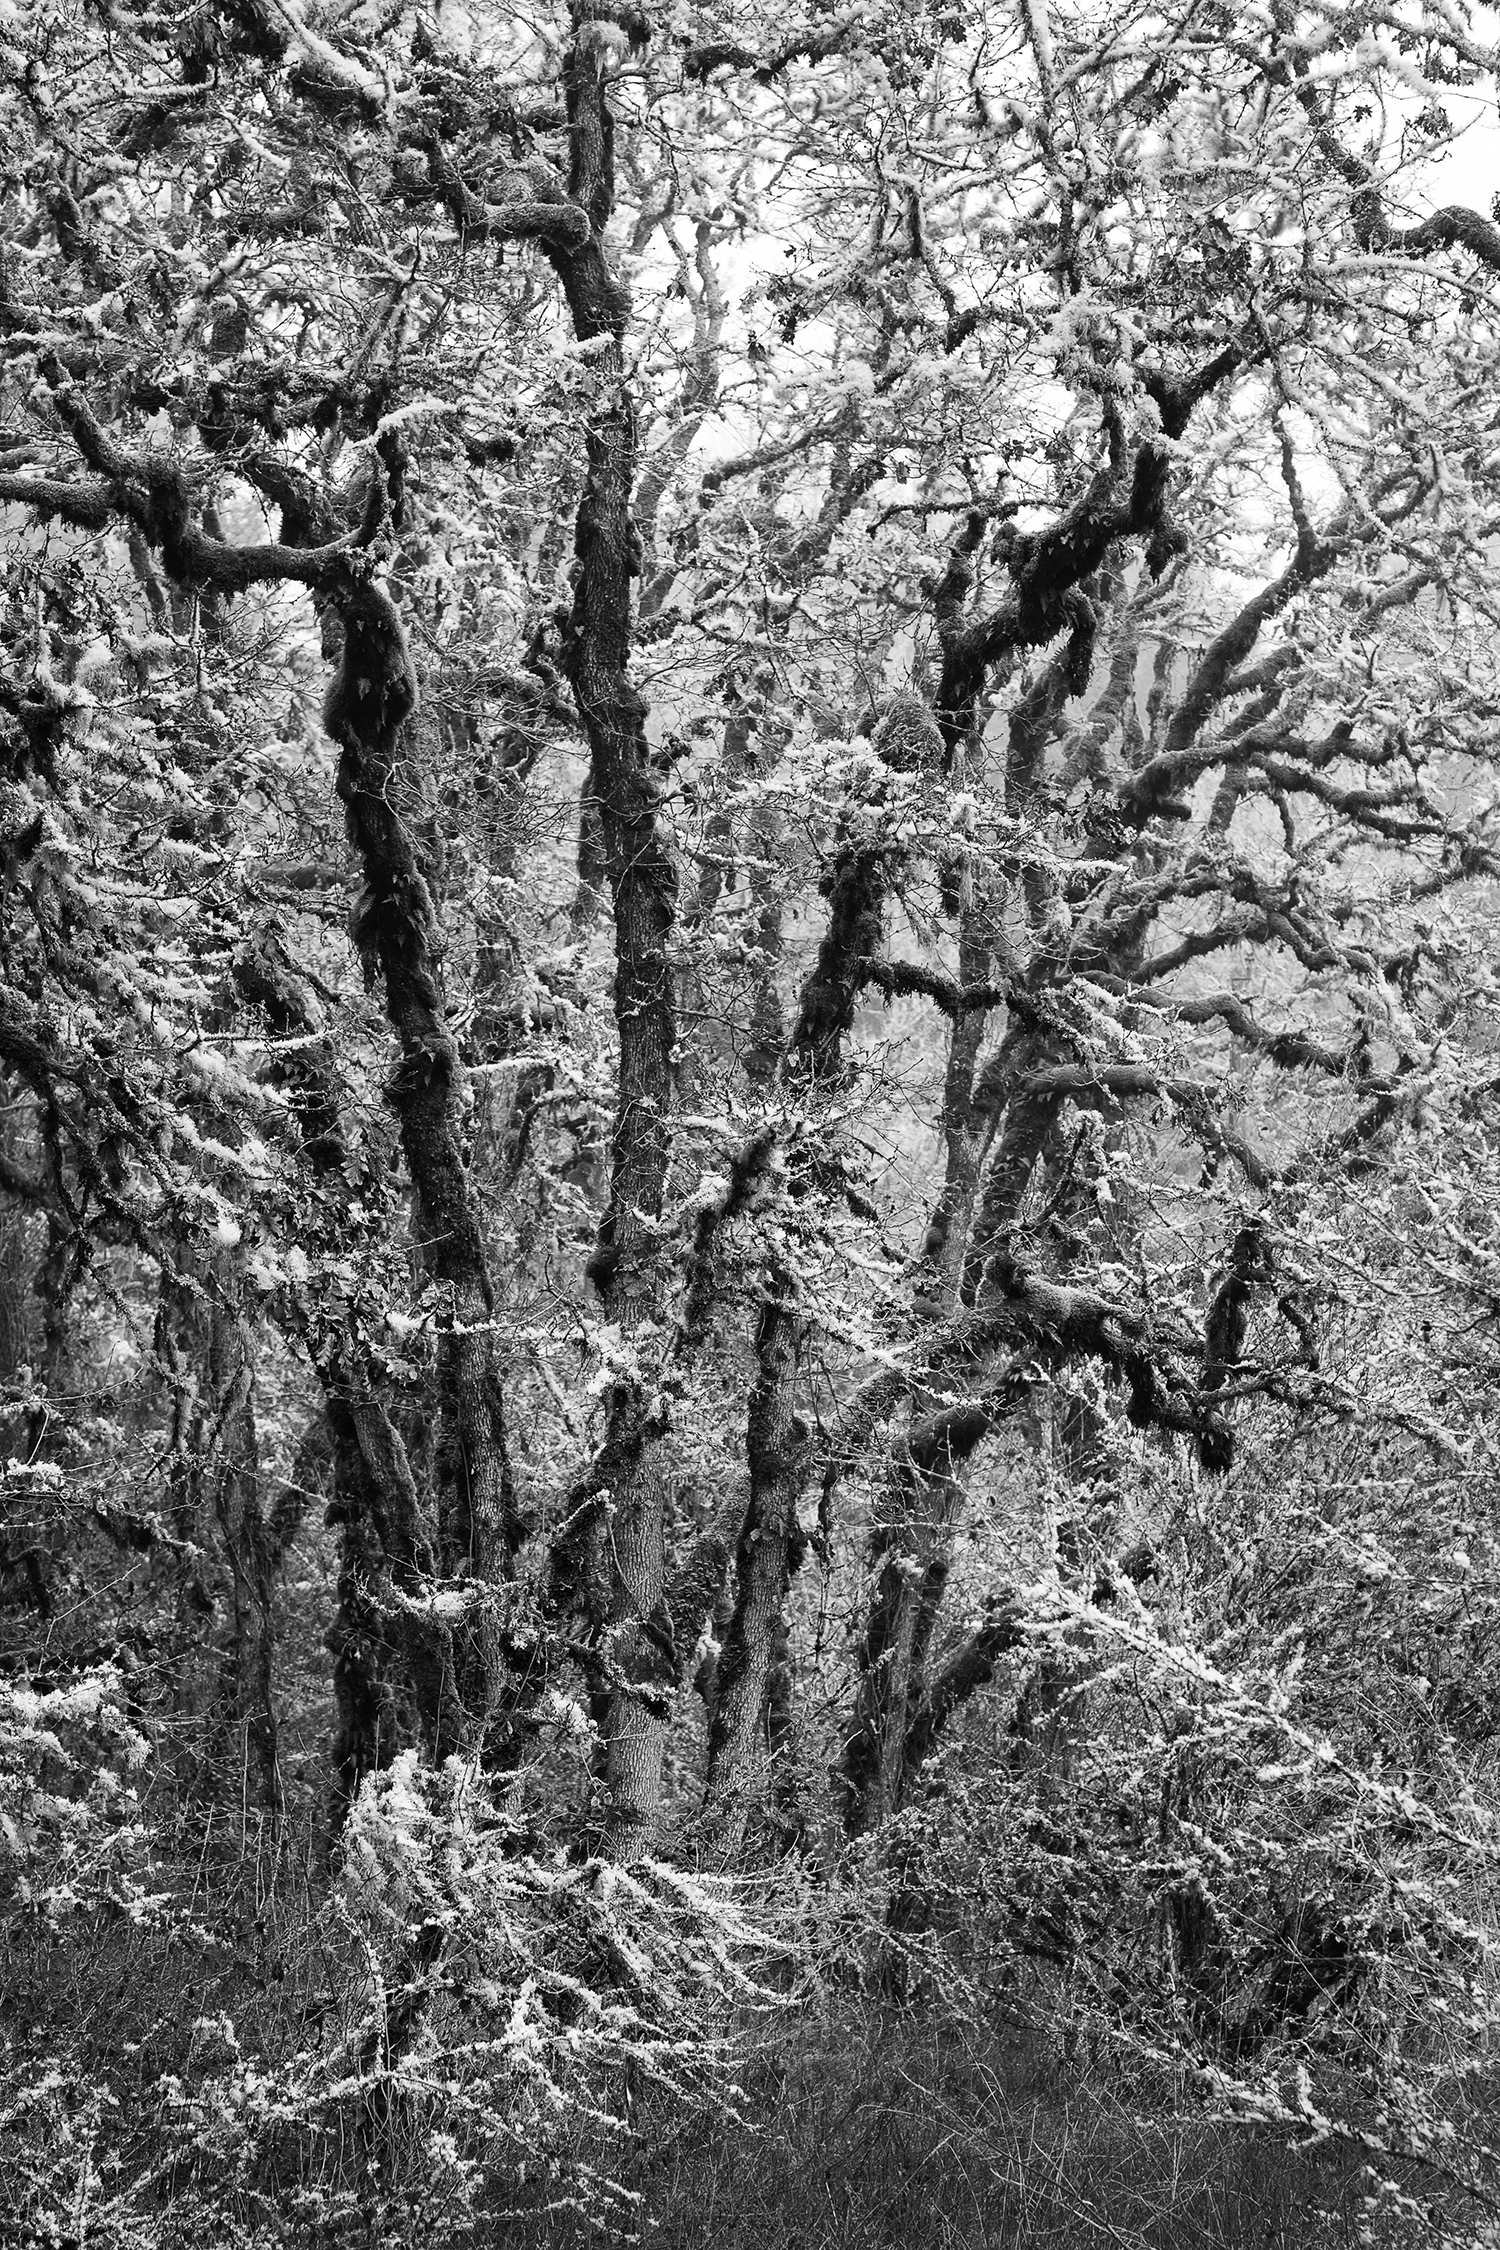 Trees 6665 B&W.jpg